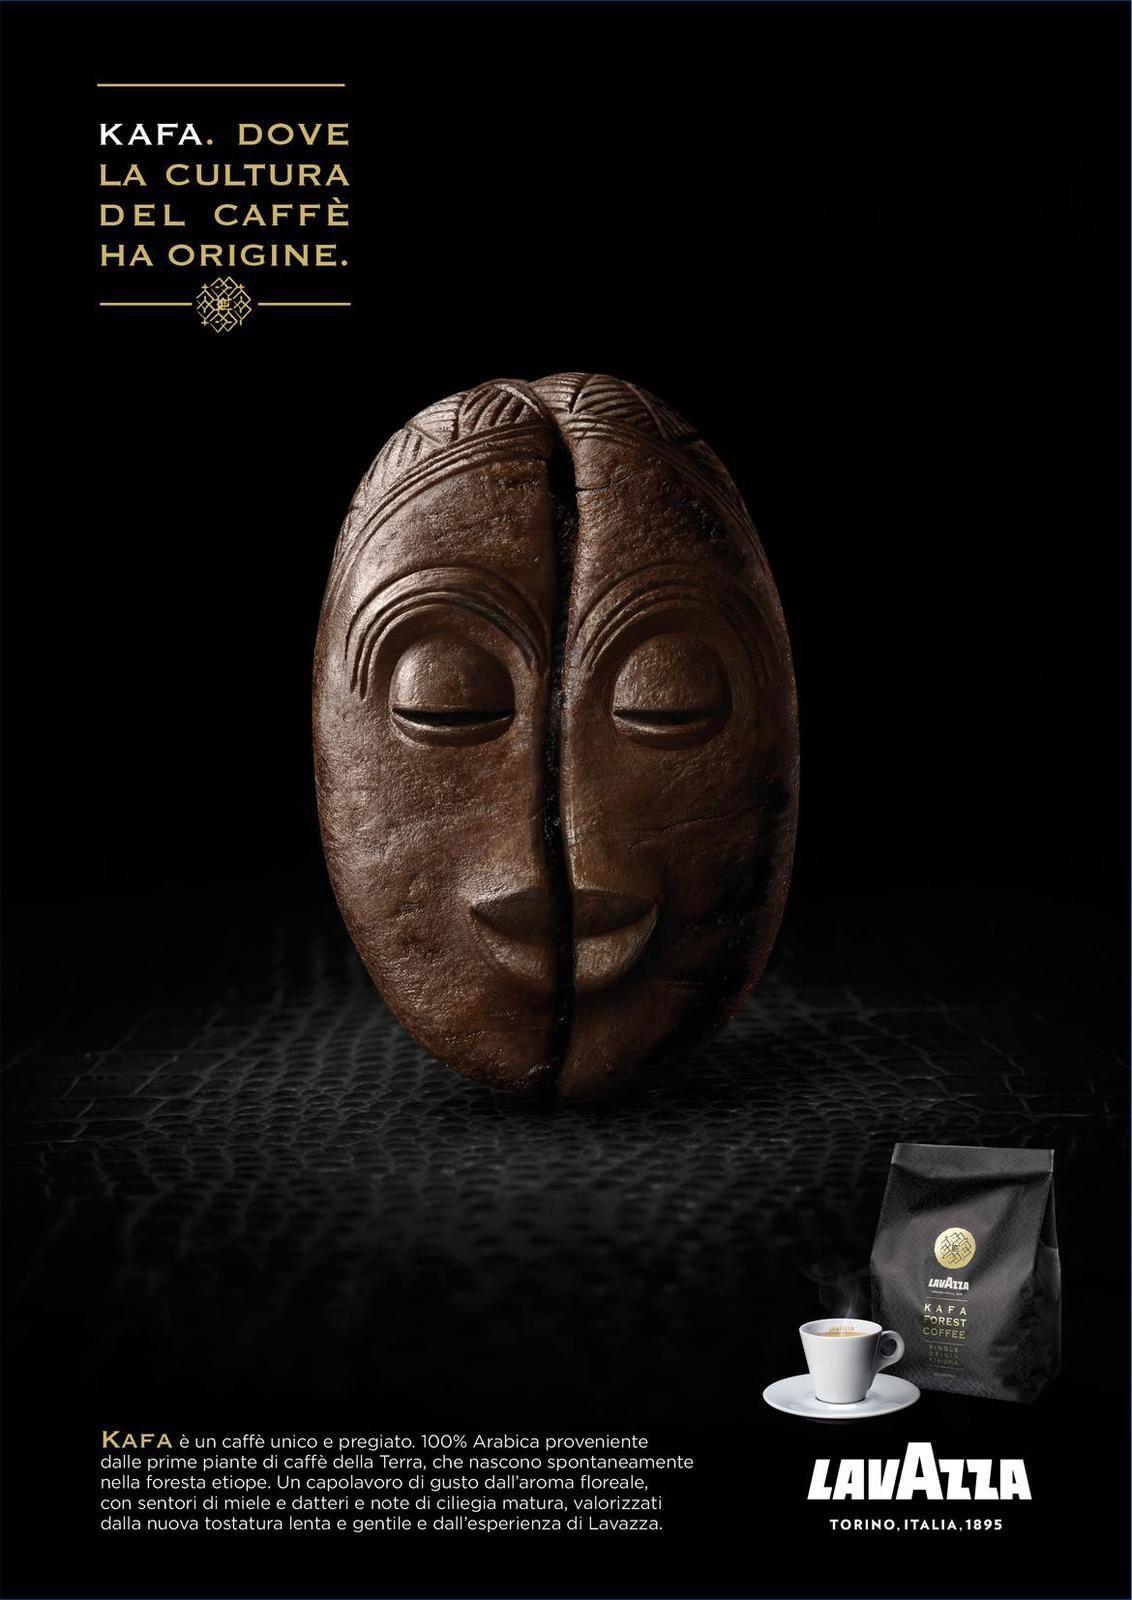 """Lavazza - """"Kafa. Where the coffee culture has its origins"""" (café d'origine) I Agence : Armando Testa, Milan, Italie (août 2017)"""